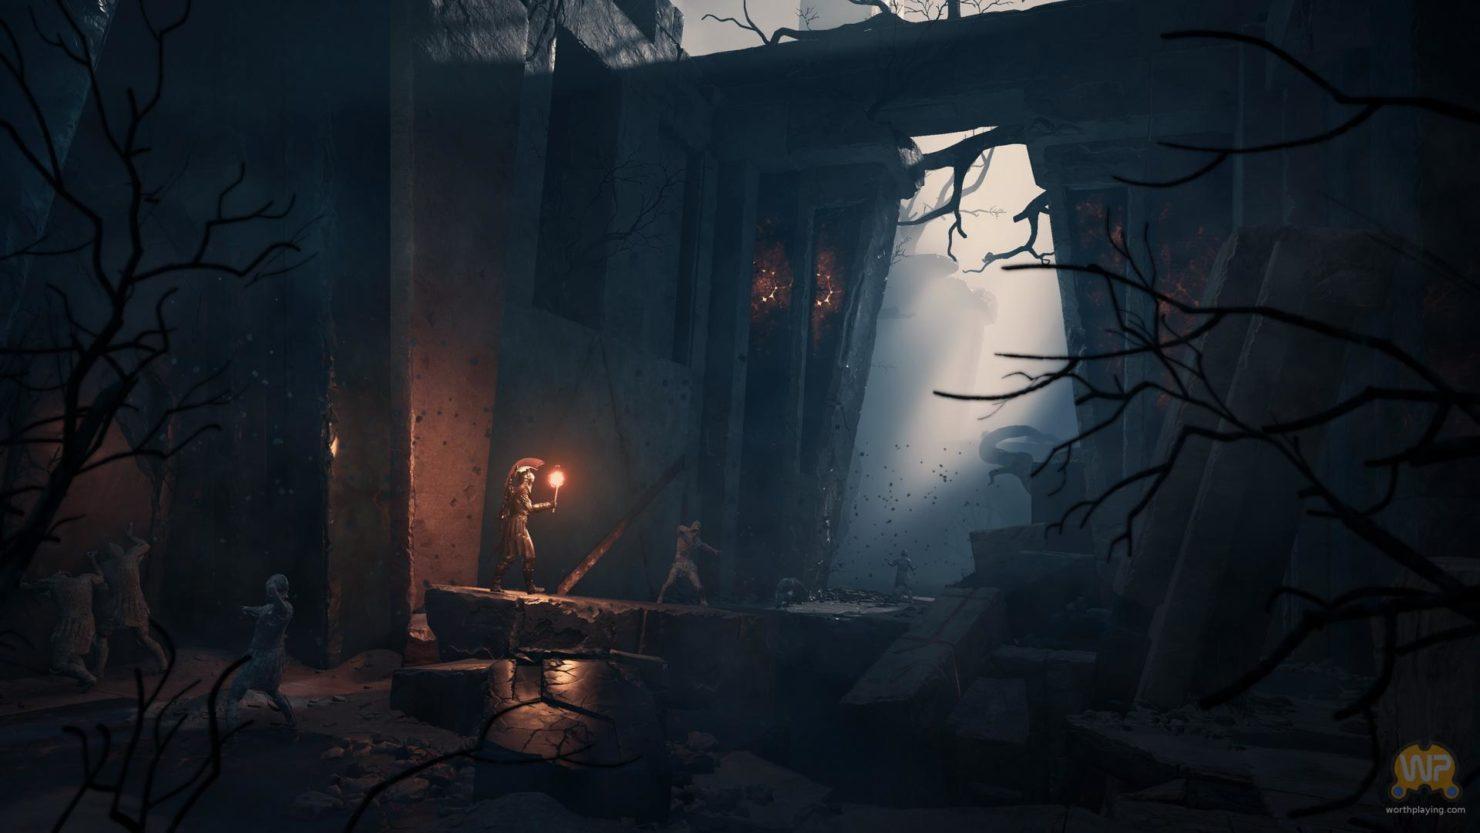 Assassin's Creed Odyssey édifice dans la pénombre, trouée de lumière par une ouverture au centre